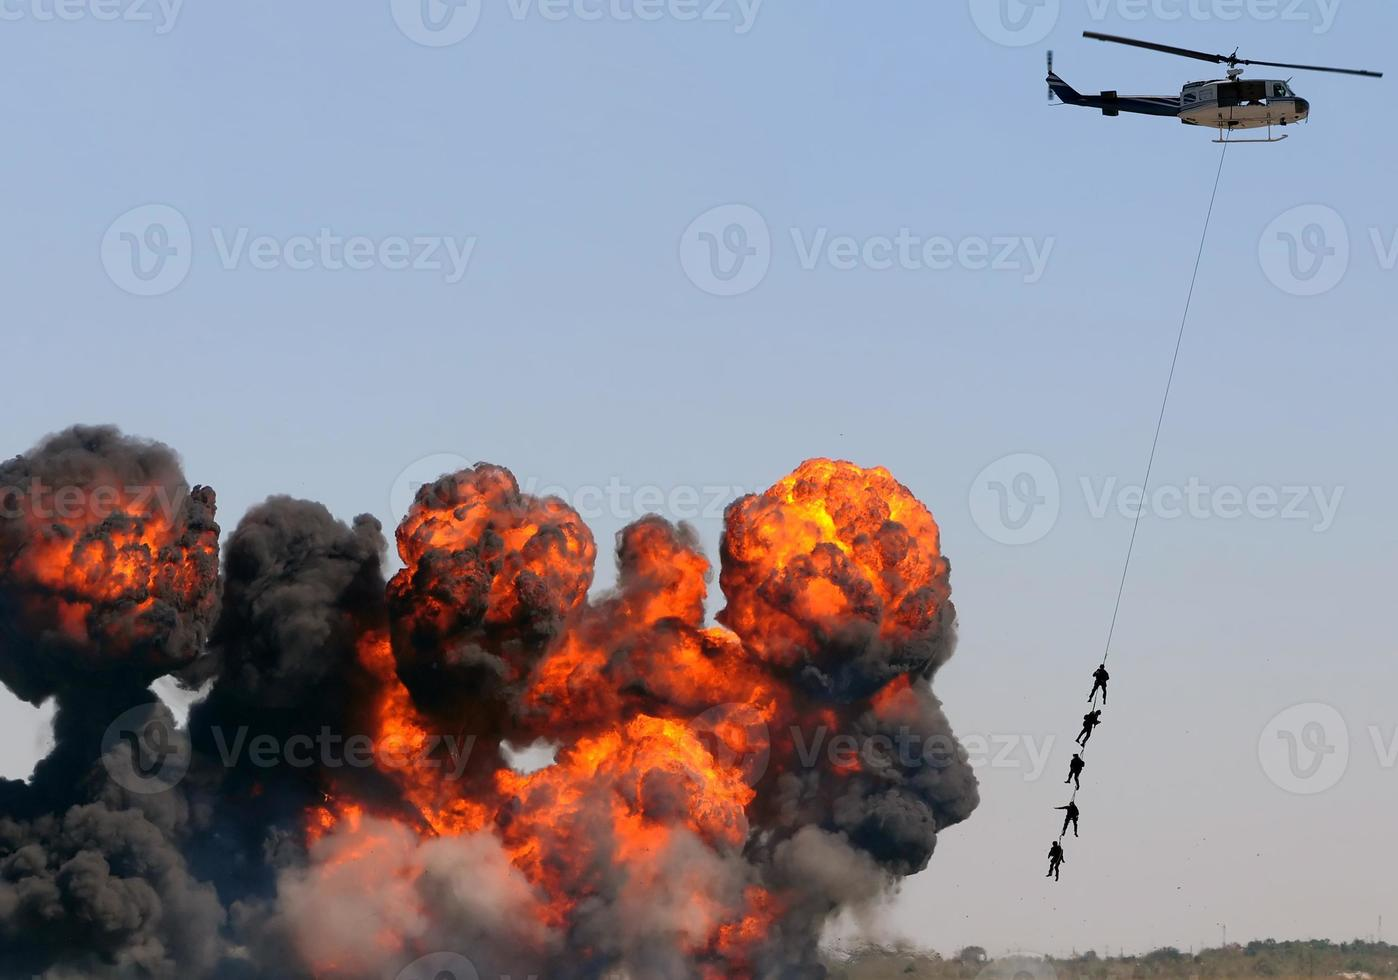 salvataggio in elicottero foto